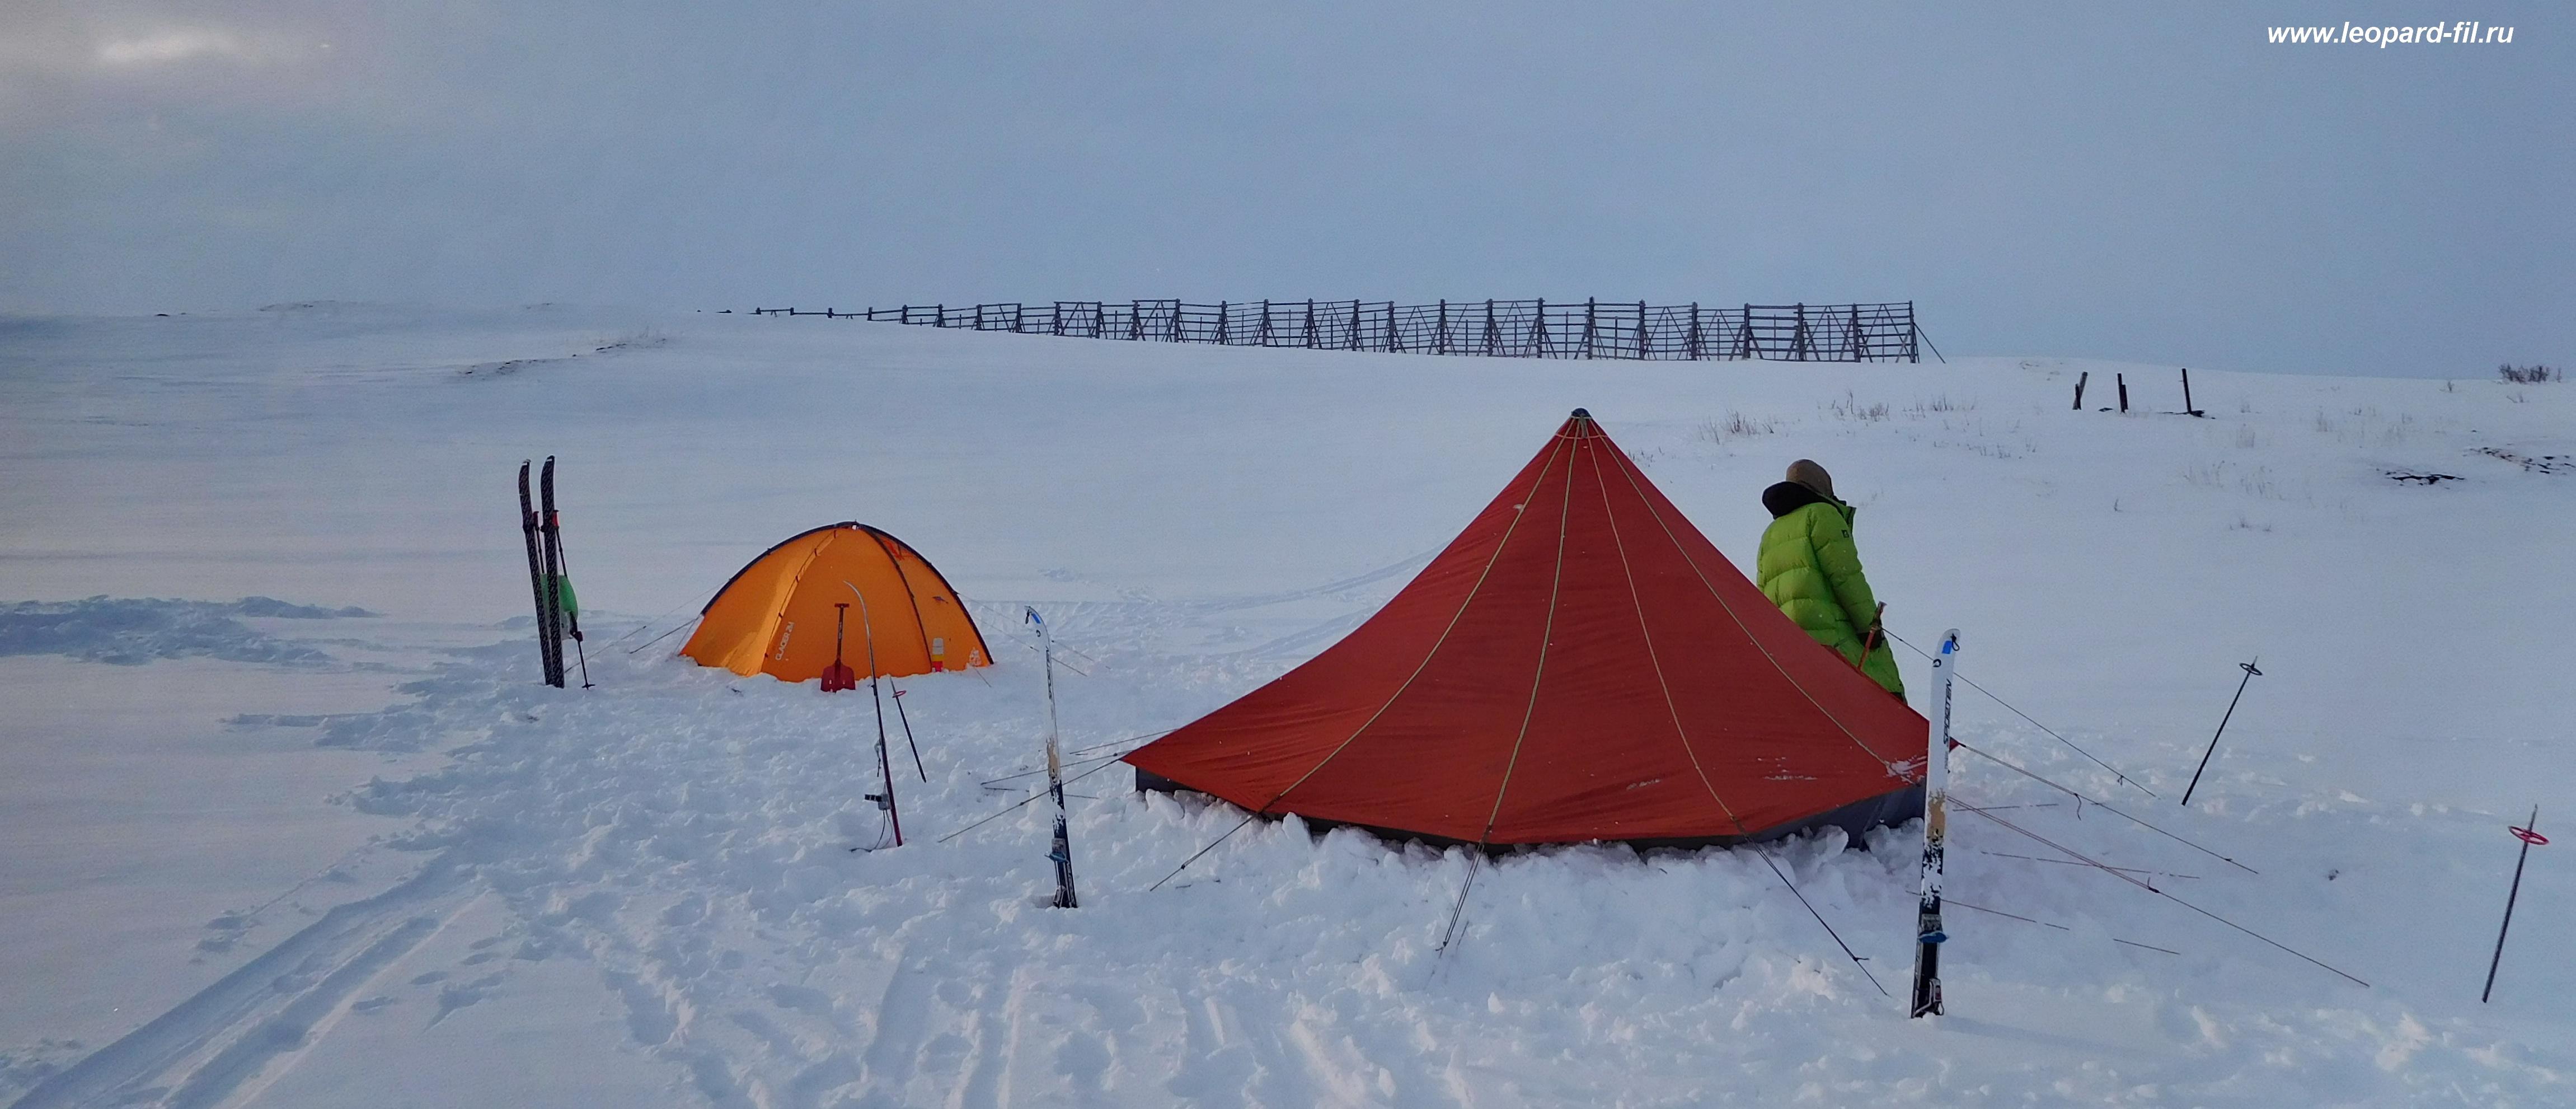 Однослойная палатка зимой - сравниваем с двухслойной